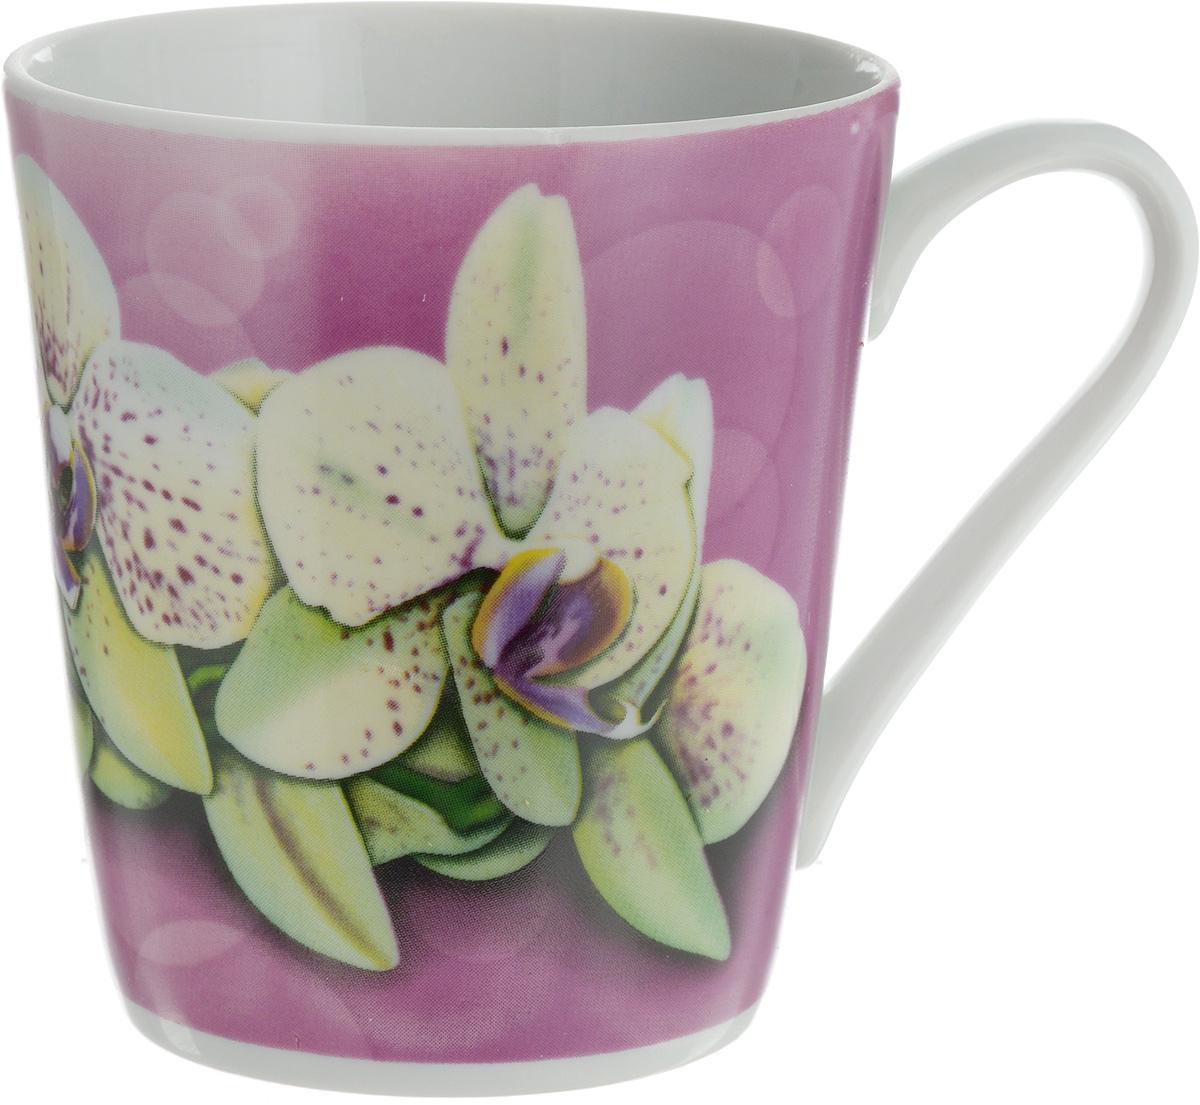 Кружка Классик. Орхидея, цвет: сиреневый, белый, 300 мл3С0493_сиреневый, белая орхидеяКружка Классик. Орхидея изготовлена извысококачественного фарфора. Изделие оформленокрасочным рисунком и покрытопревосходной сверкающей глазурью.Изысканная кружка прекрасно оформит стол кчаепитию и станет его неизменным атрибутом.Диаметр кружки (по верхнему краю): 8,5 см. Высота кружки: 9,5 см.